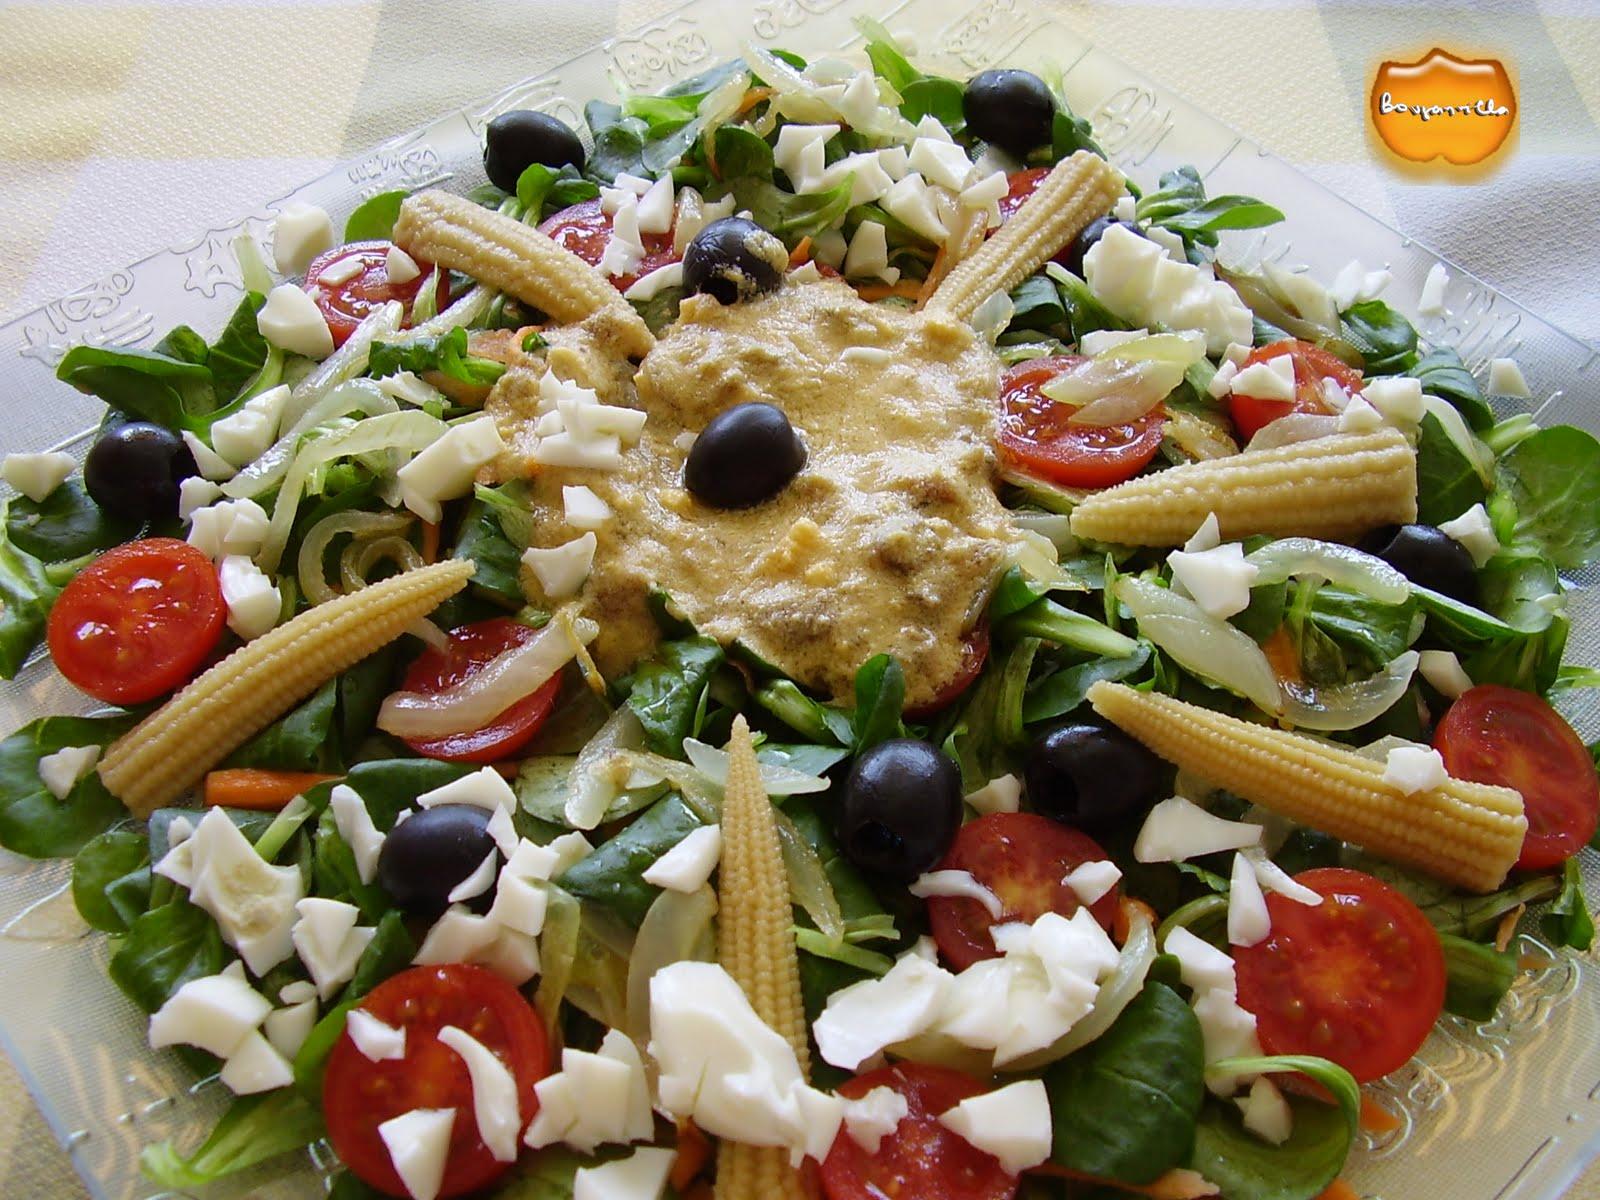 M s salud y ejercicio 10 razones para comer ensaladas - Ensaladas con pocas calorias ...